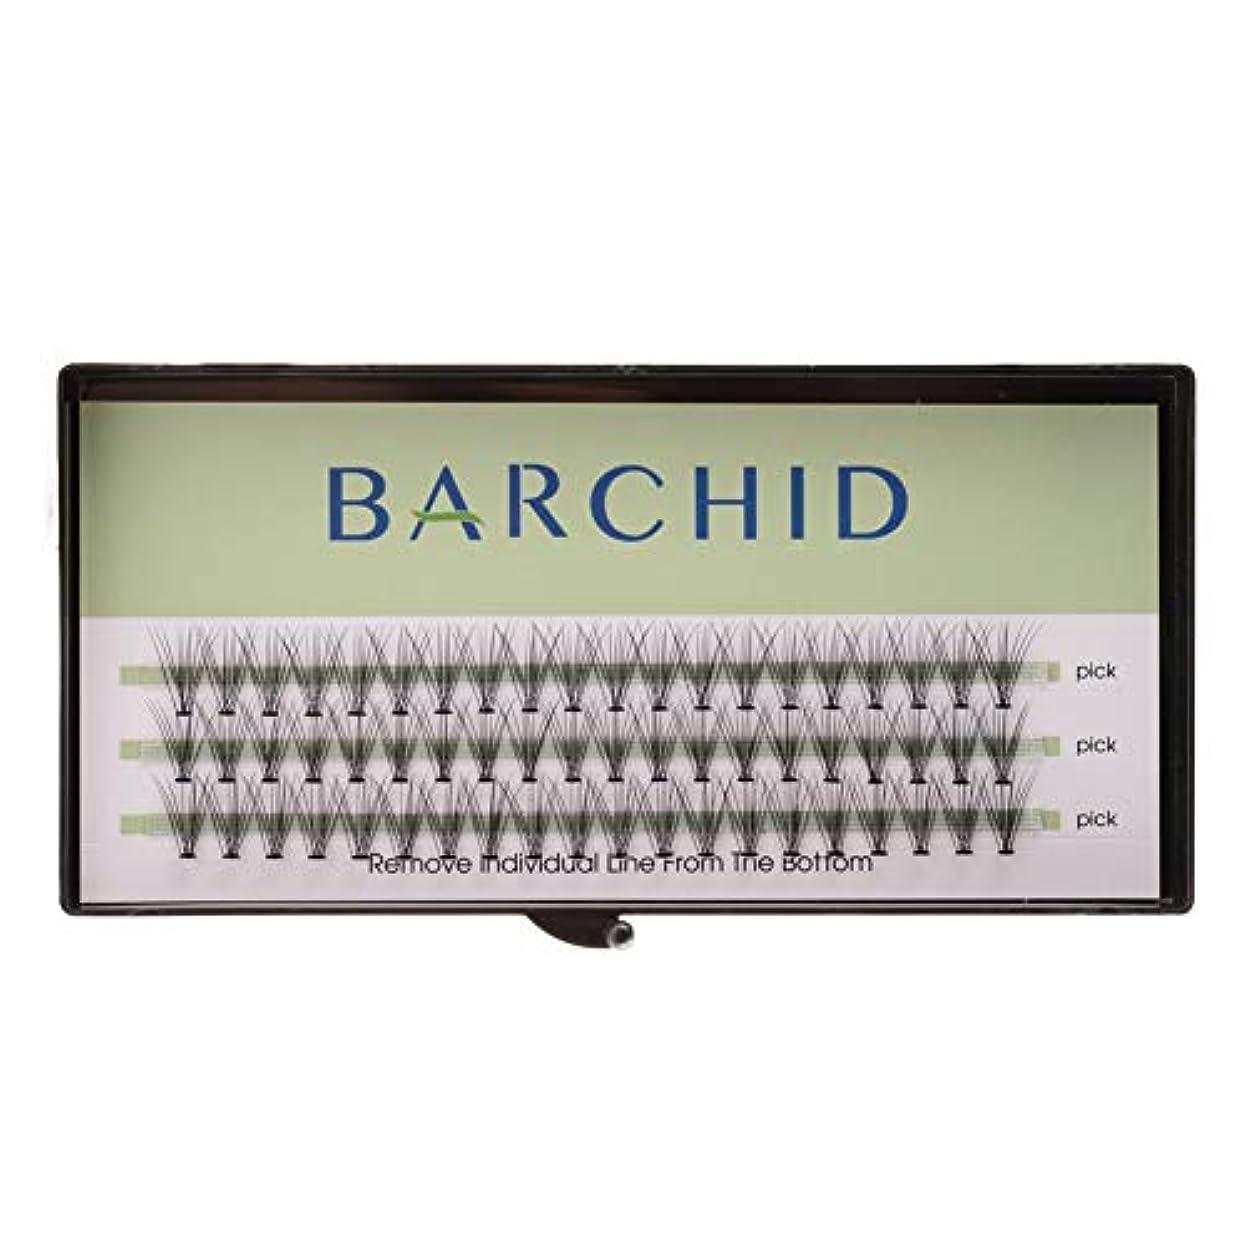 リビジョンつまらない疫病BARCHID 高品質超極細まつげエクステ太さ0.07mm 10本束10mm Cカール フレア セルフ用 素材  マツエク